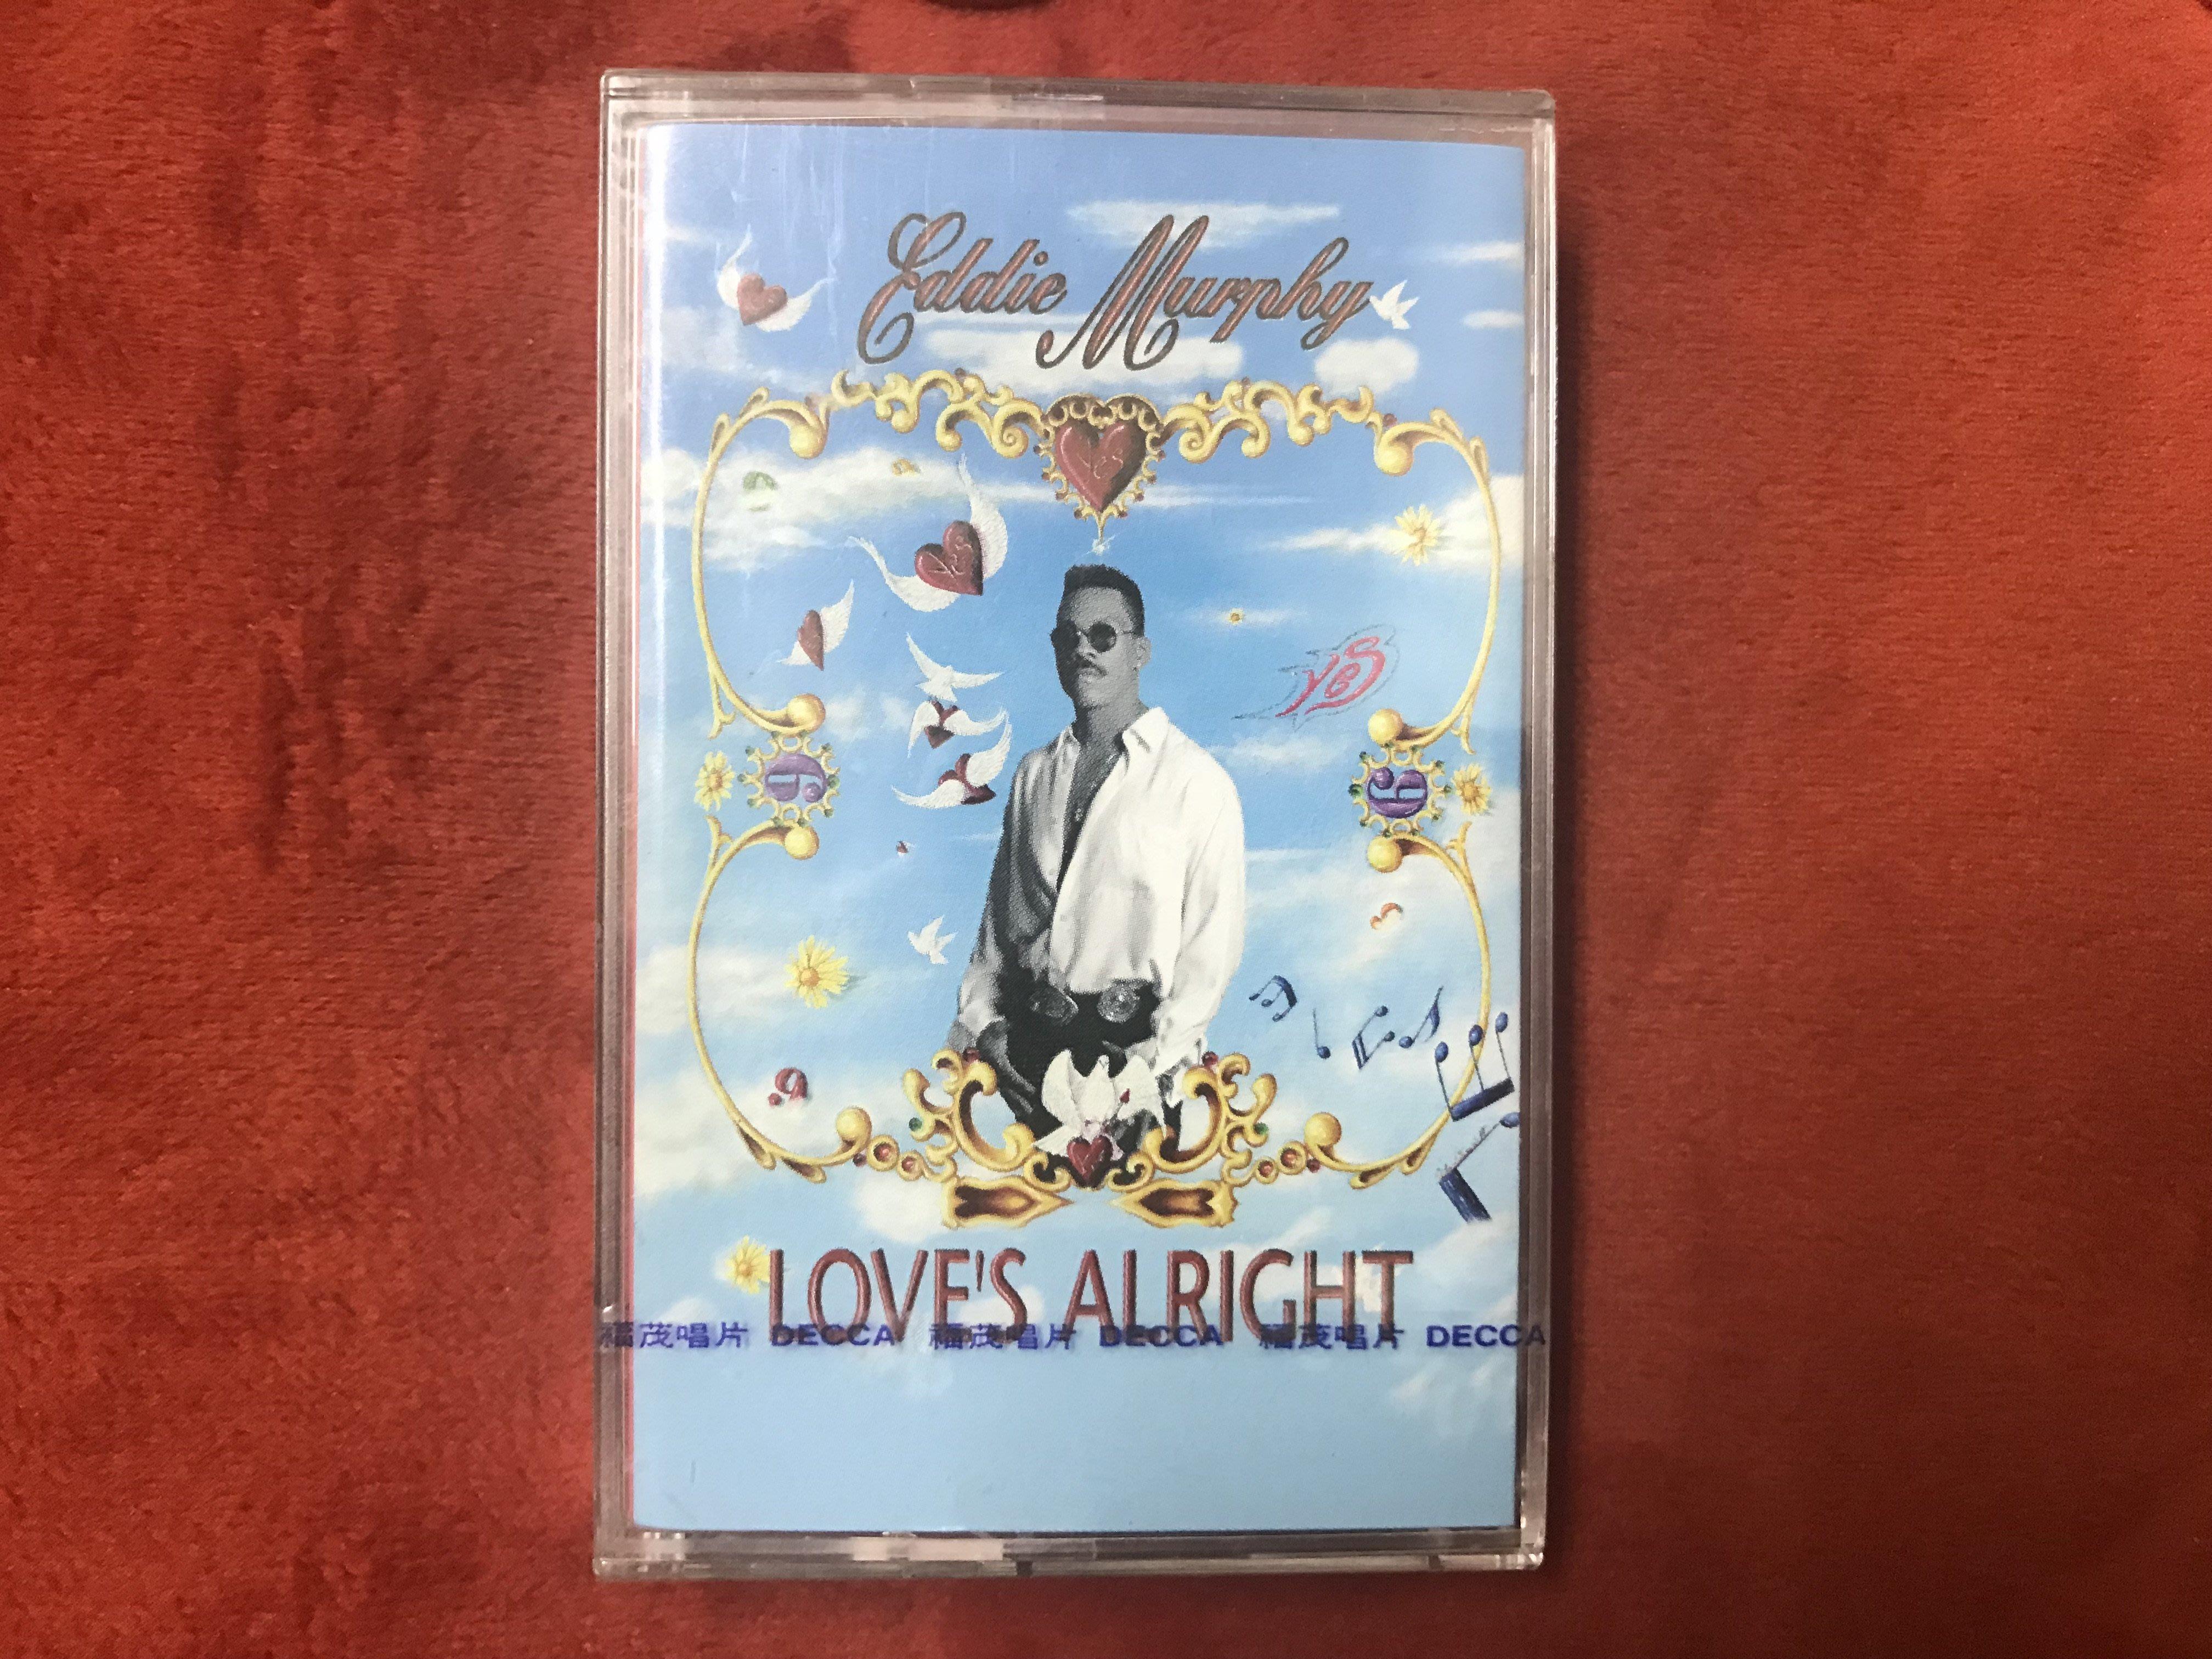 [錄音帶]艾迪墨菲 Eddie Murphy-愛情無罪 Love's Alright-全新未拆